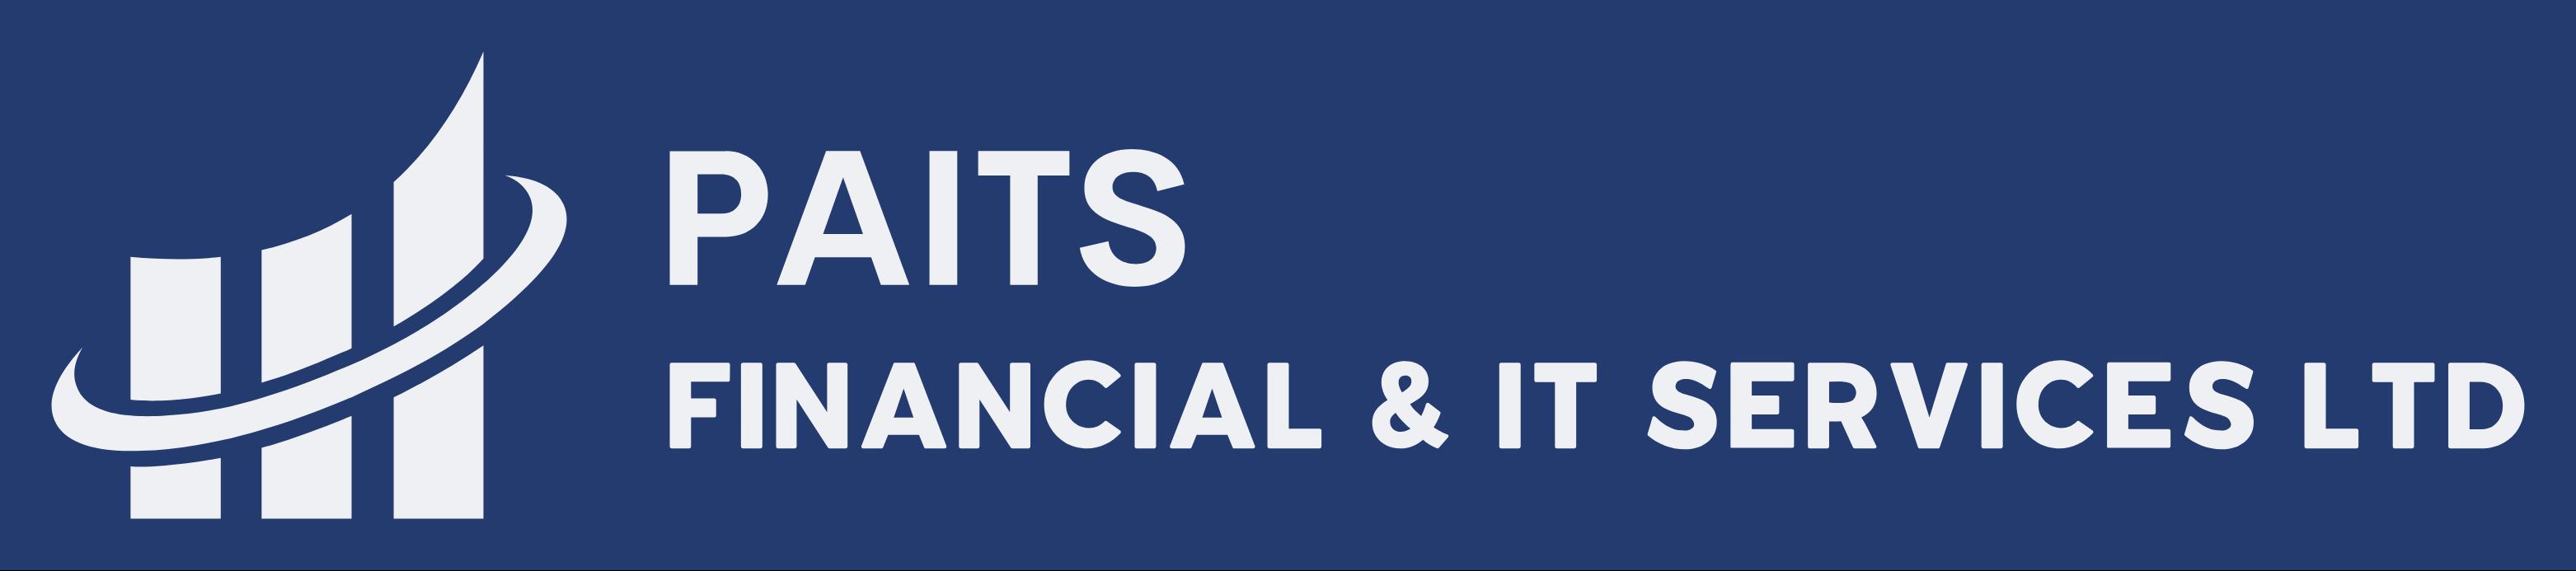 PAITS Financial & IT Services Ltd